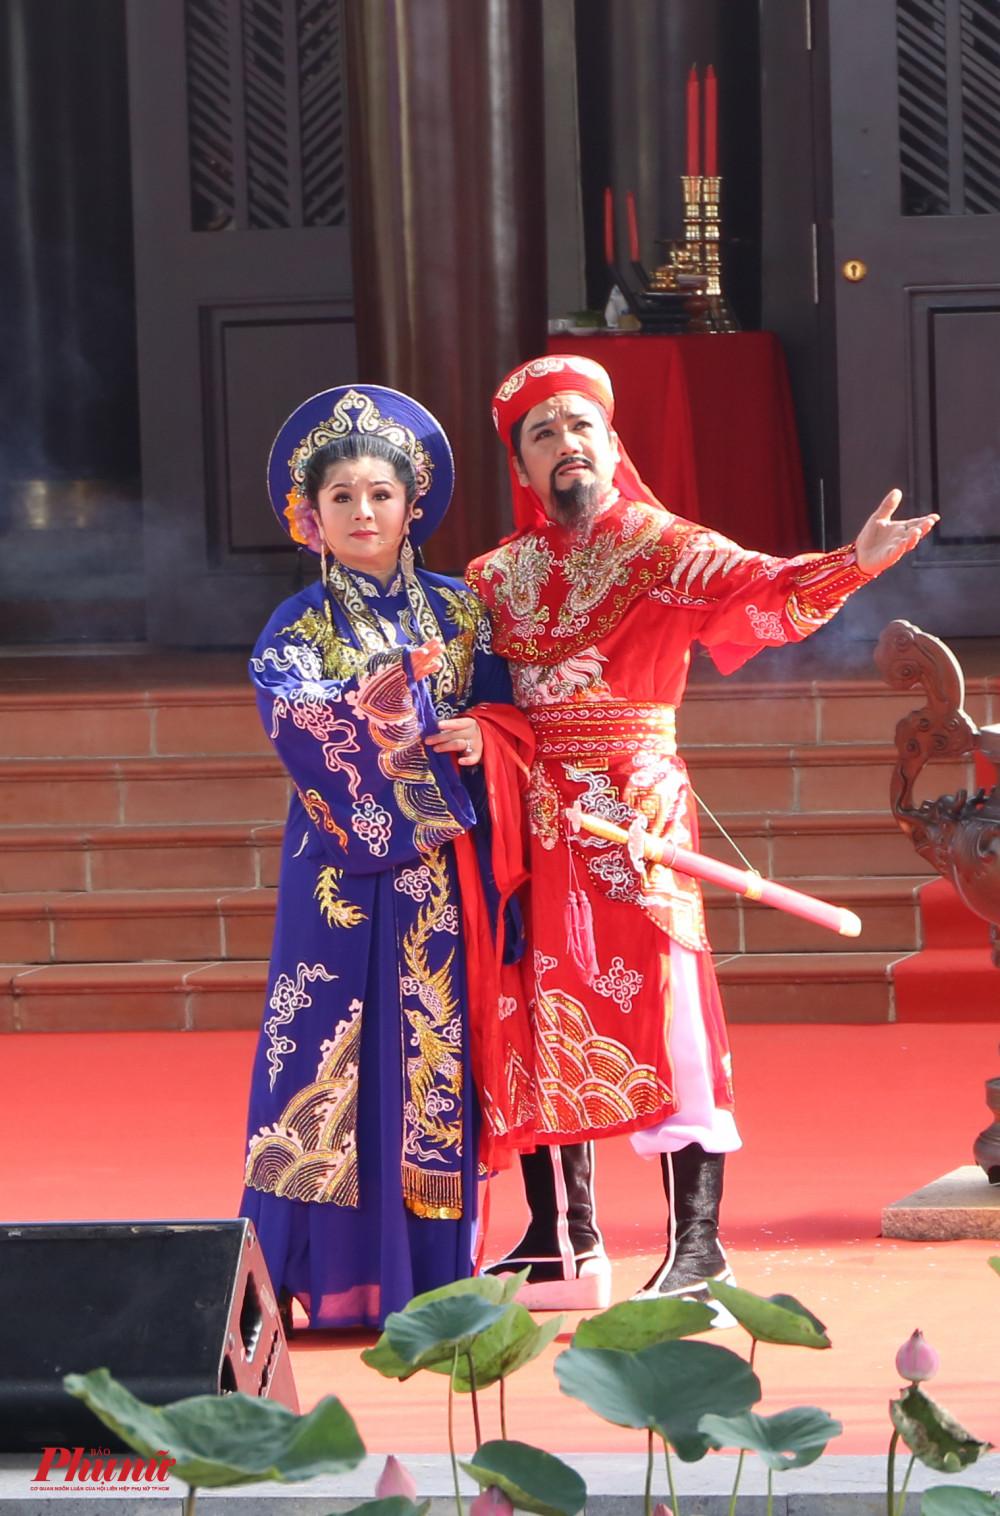 Lễ giỗ mở đầu với tiết mục sân khấu hoá công đức của Thành hằu Nguyễn Hữu Cảnh thông qua sự thể hiện của